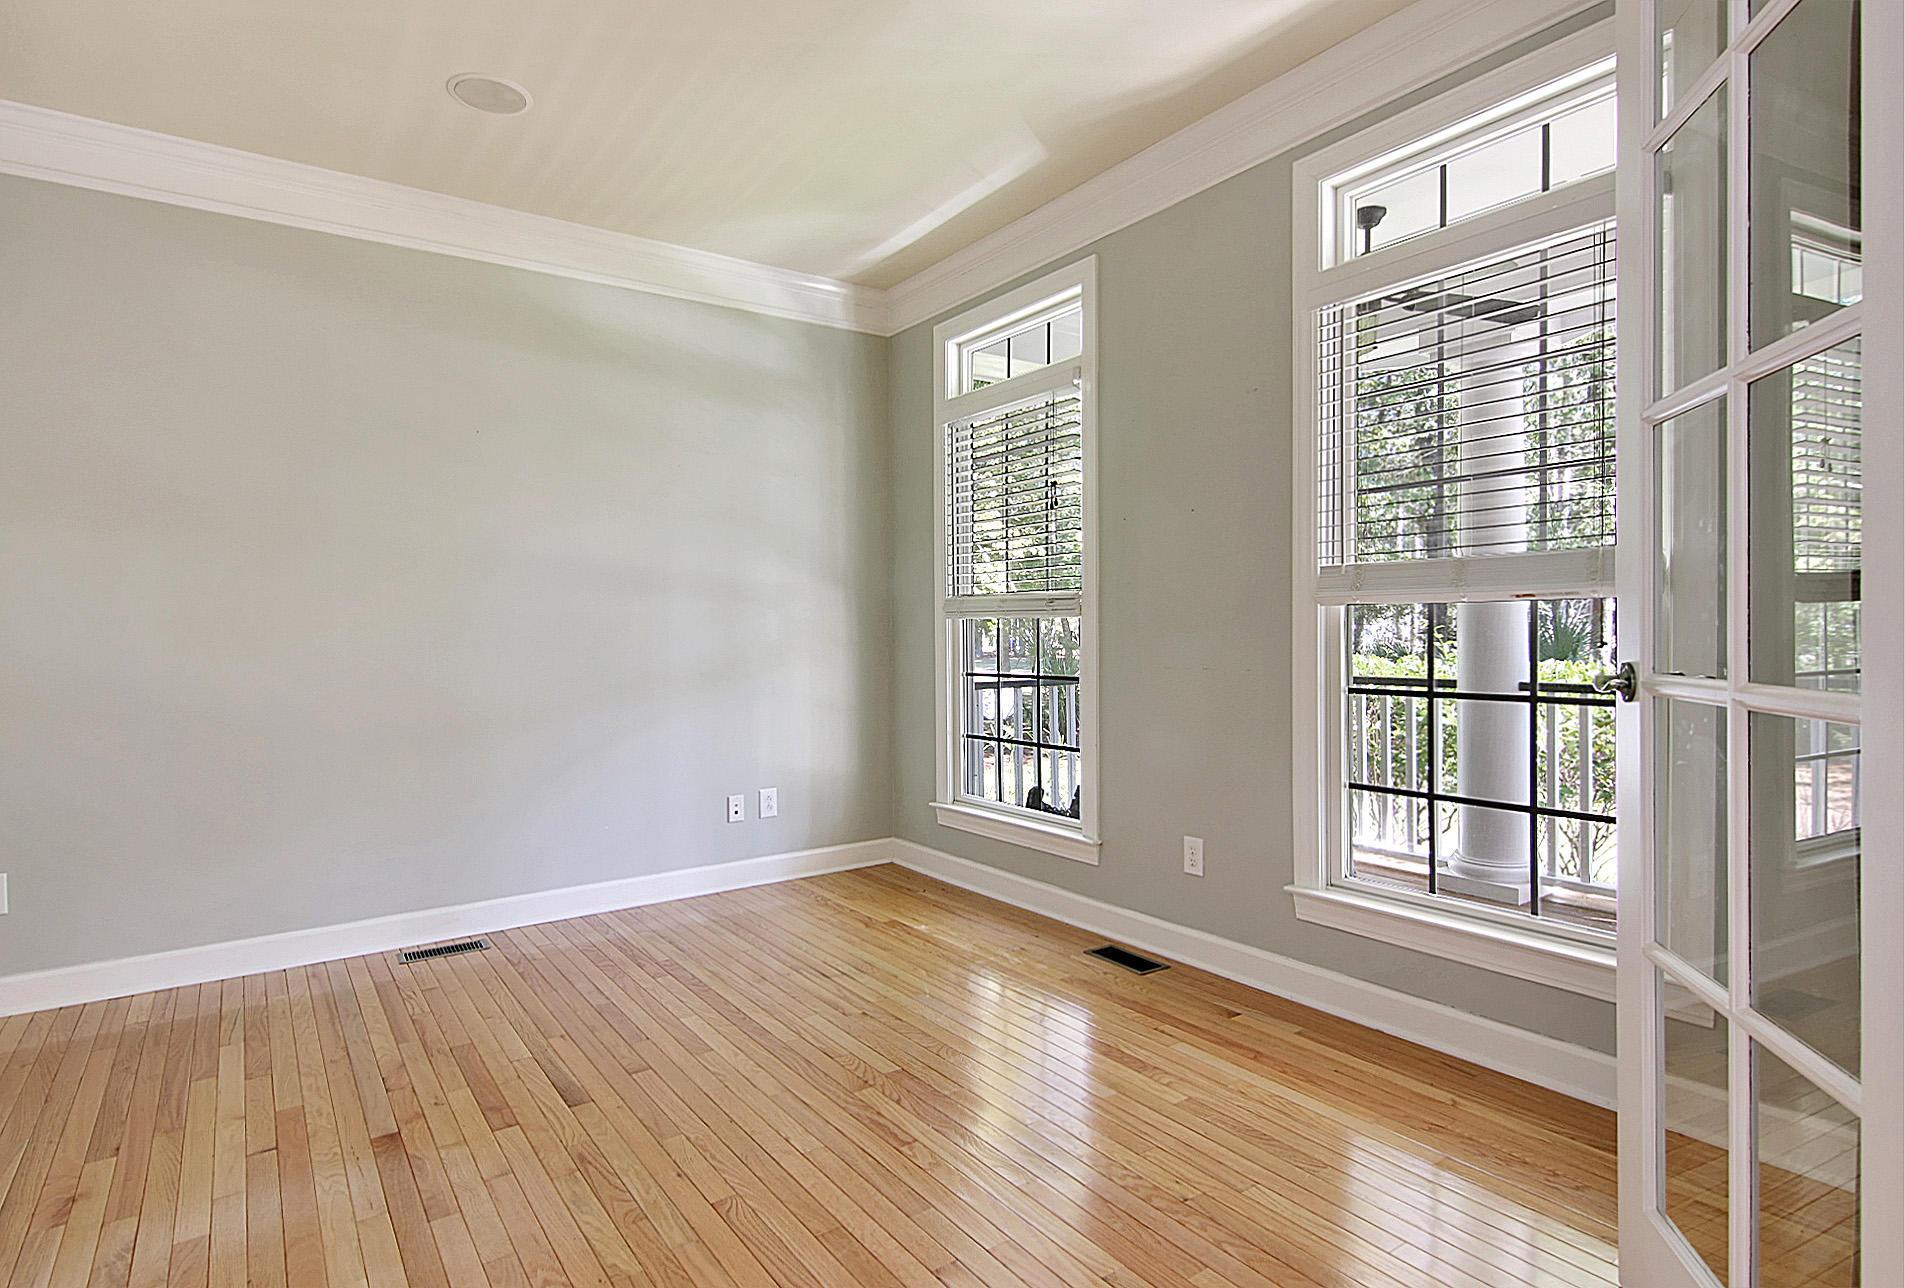 Dunes West Homes For Sale - 2236 Black Oak, Mount Pleasant, SC - 2